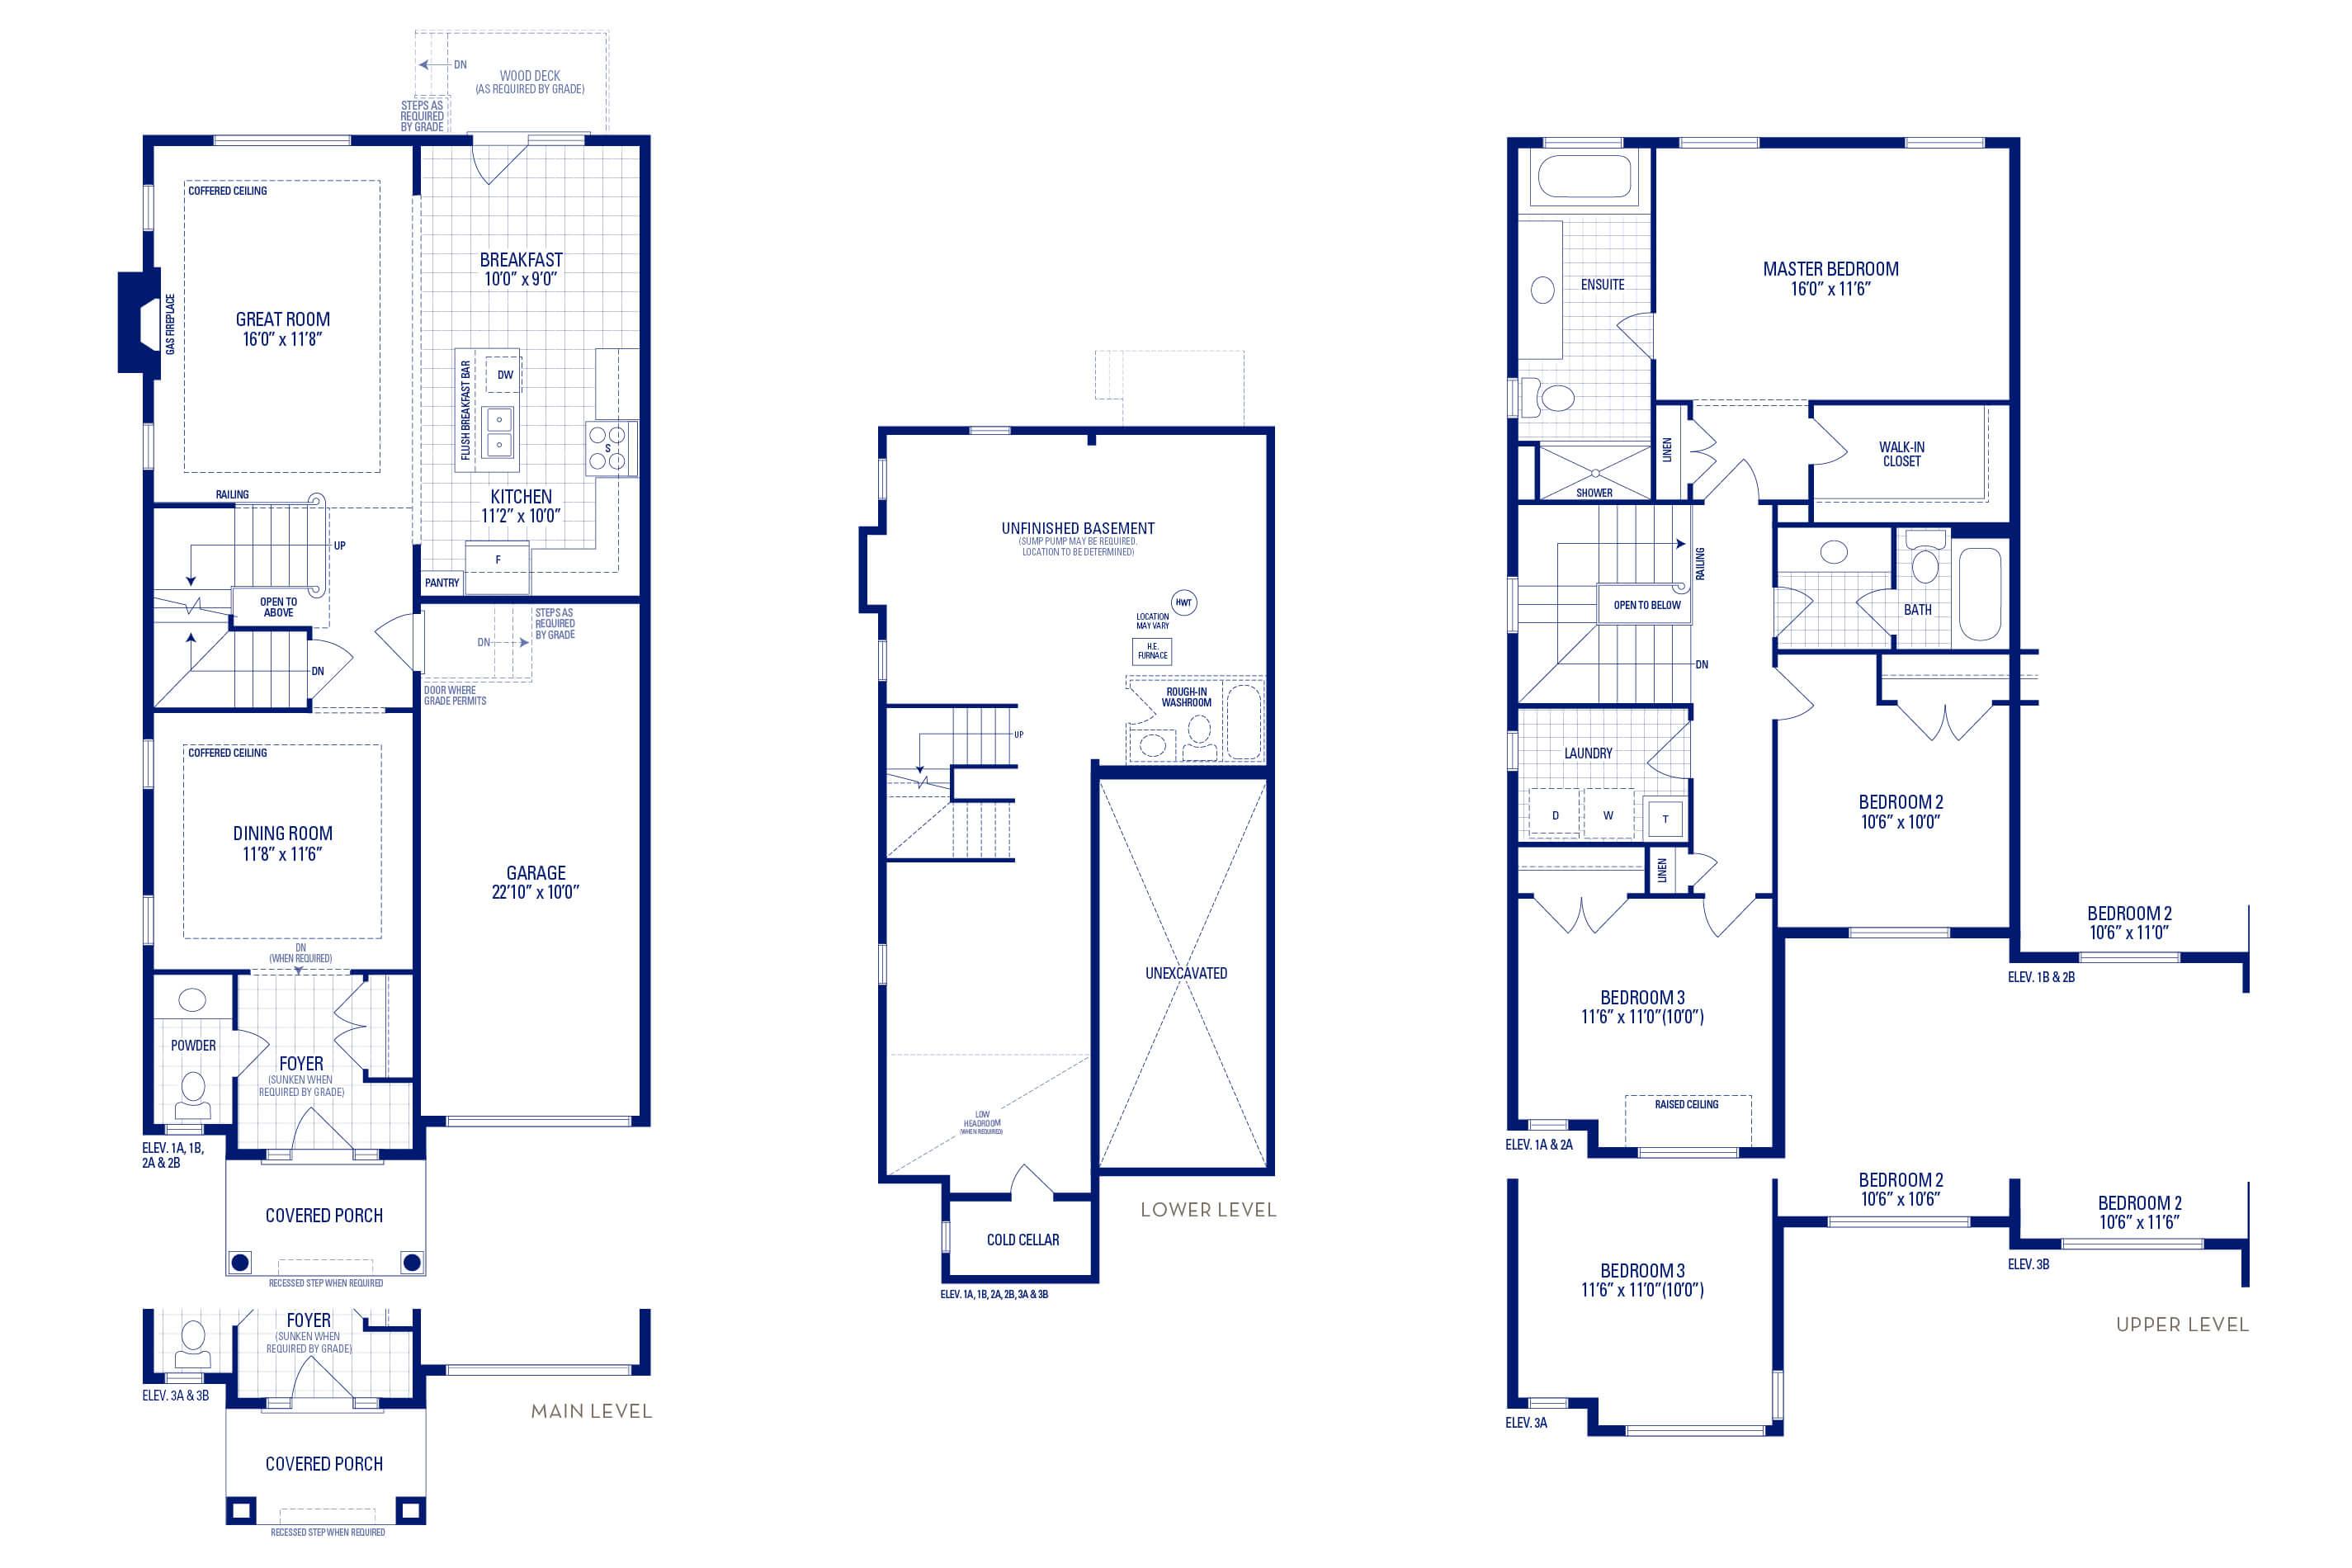 Heritage 2 Elev. 1B Floorplan